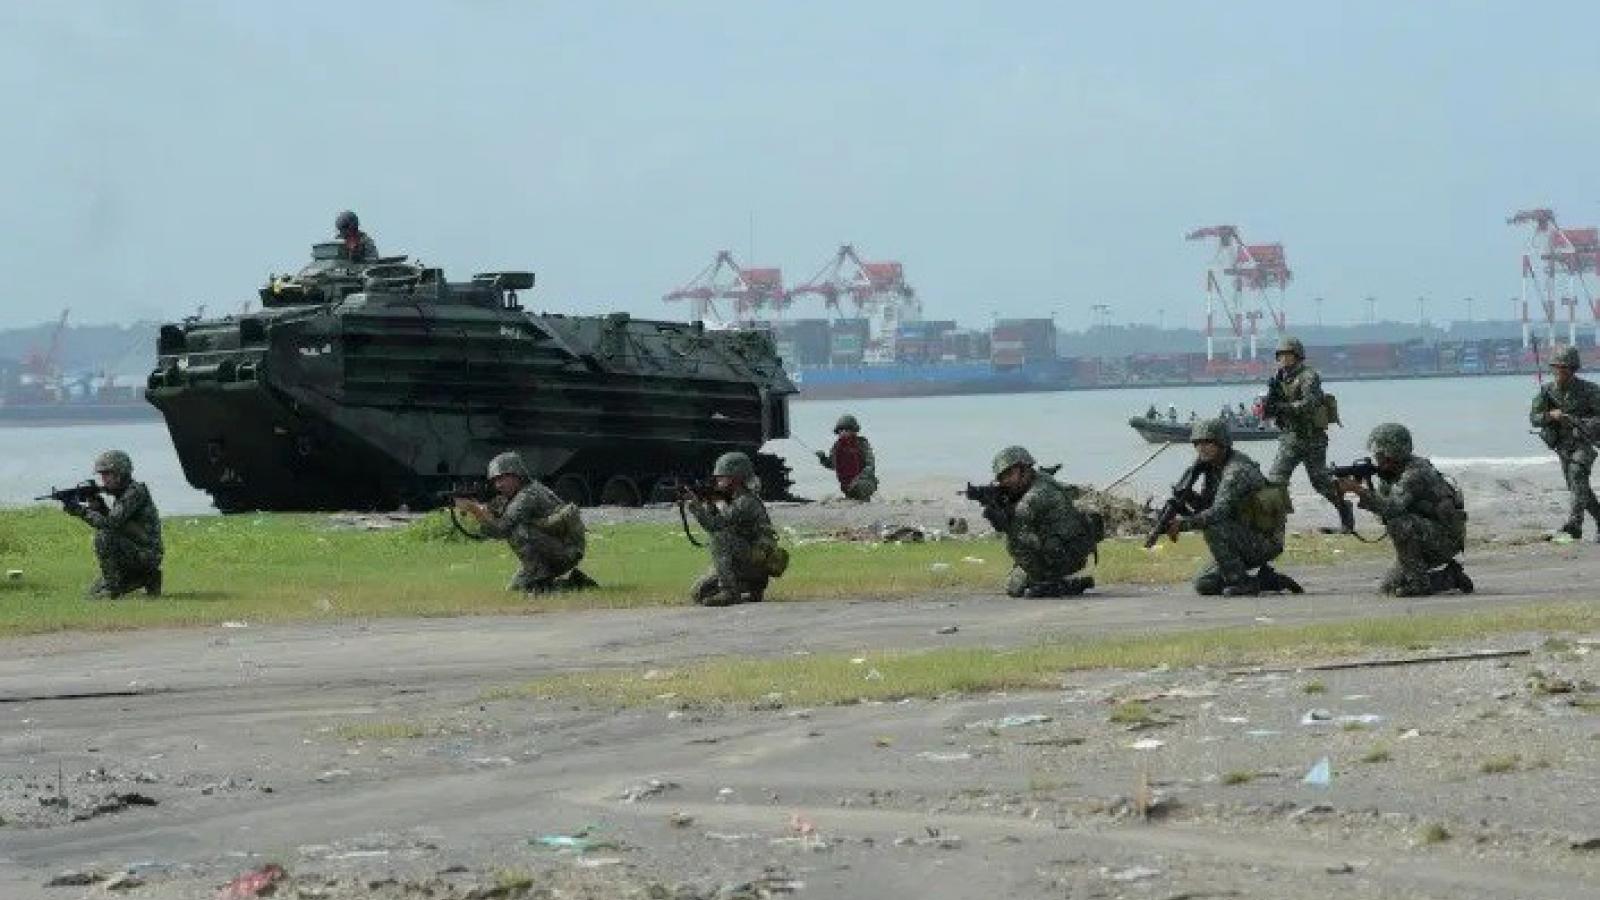 Trung Quốc cố gắng lấy lòng Philippines trong vụ Biển Đông mới đây